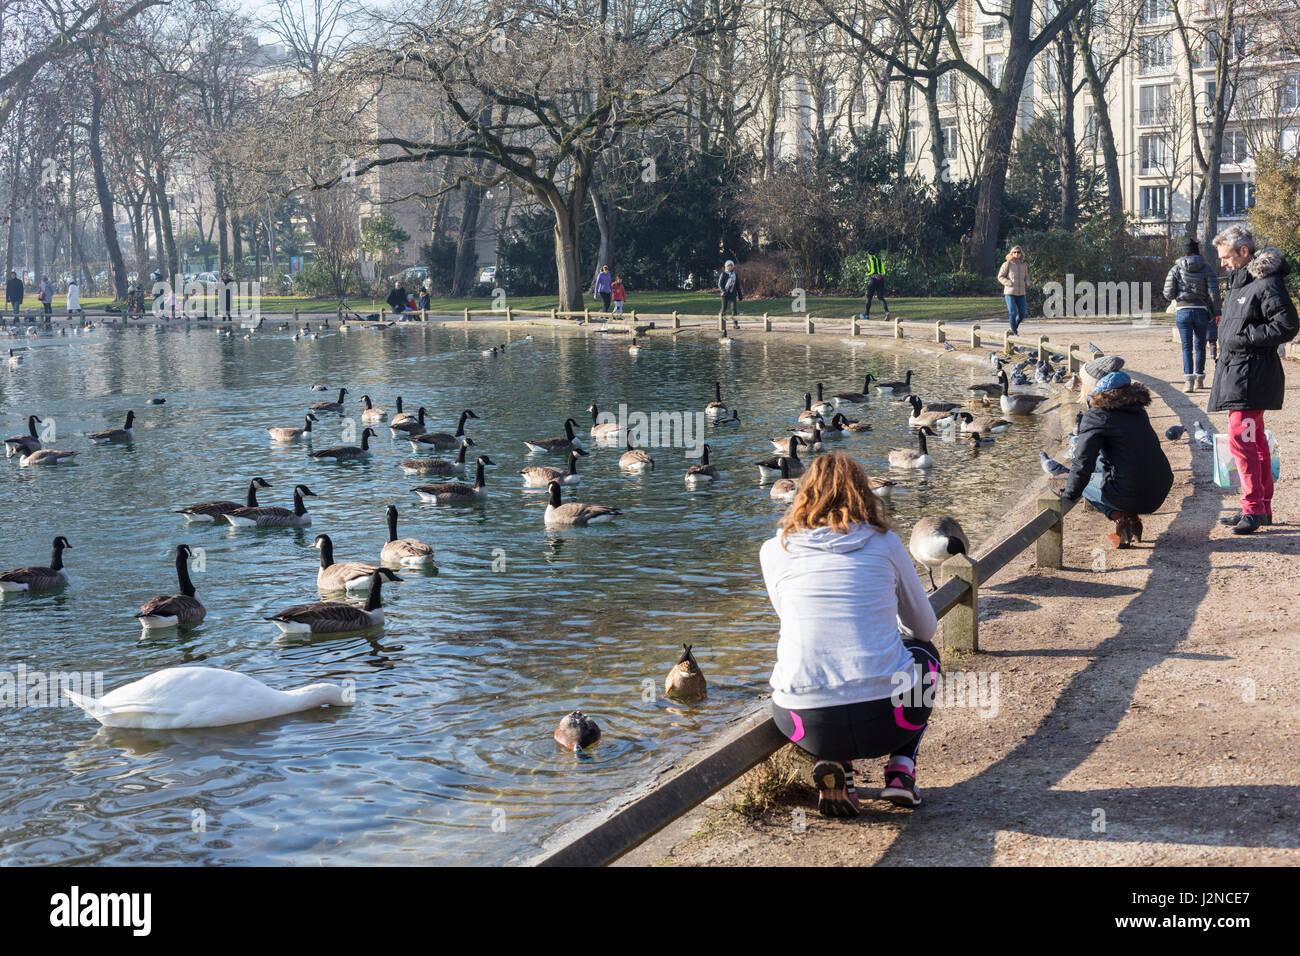 people feeding ducks and swans, Saint James pond, Bois de Boulogne, Paris, France - Stock Image